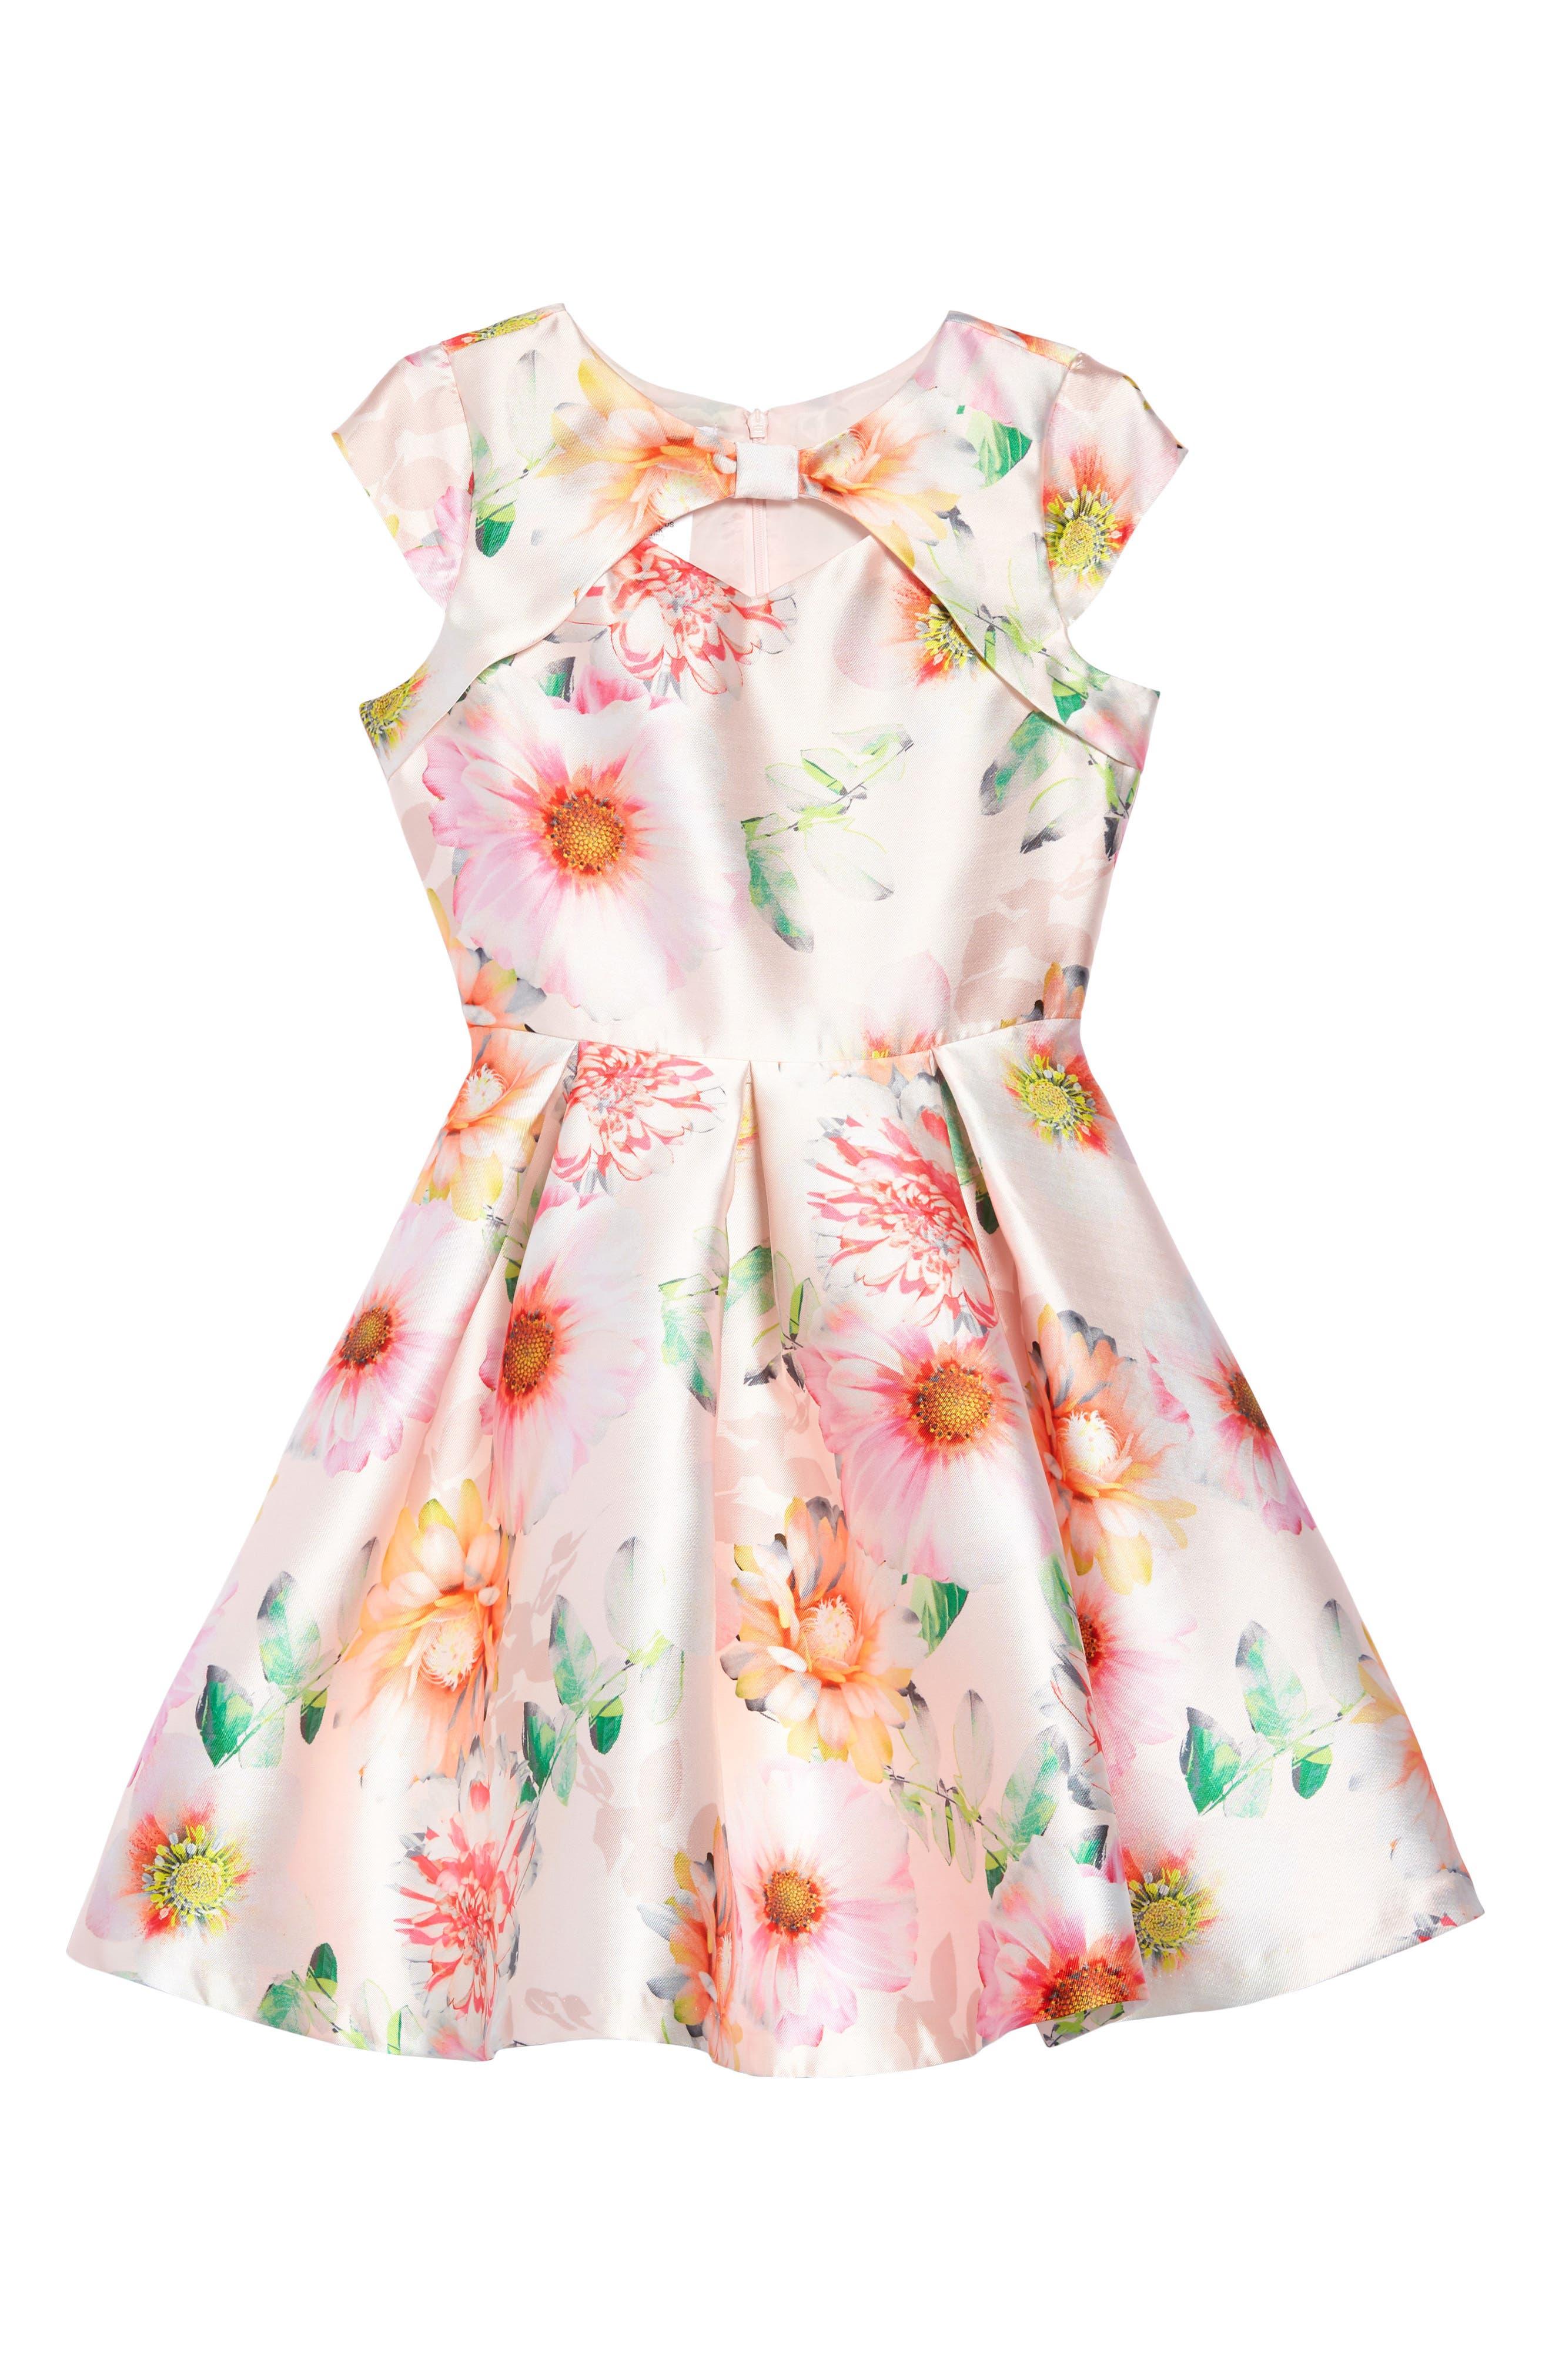 IRIS & IVY Floral Print Satin Dress, Main, color, PINK